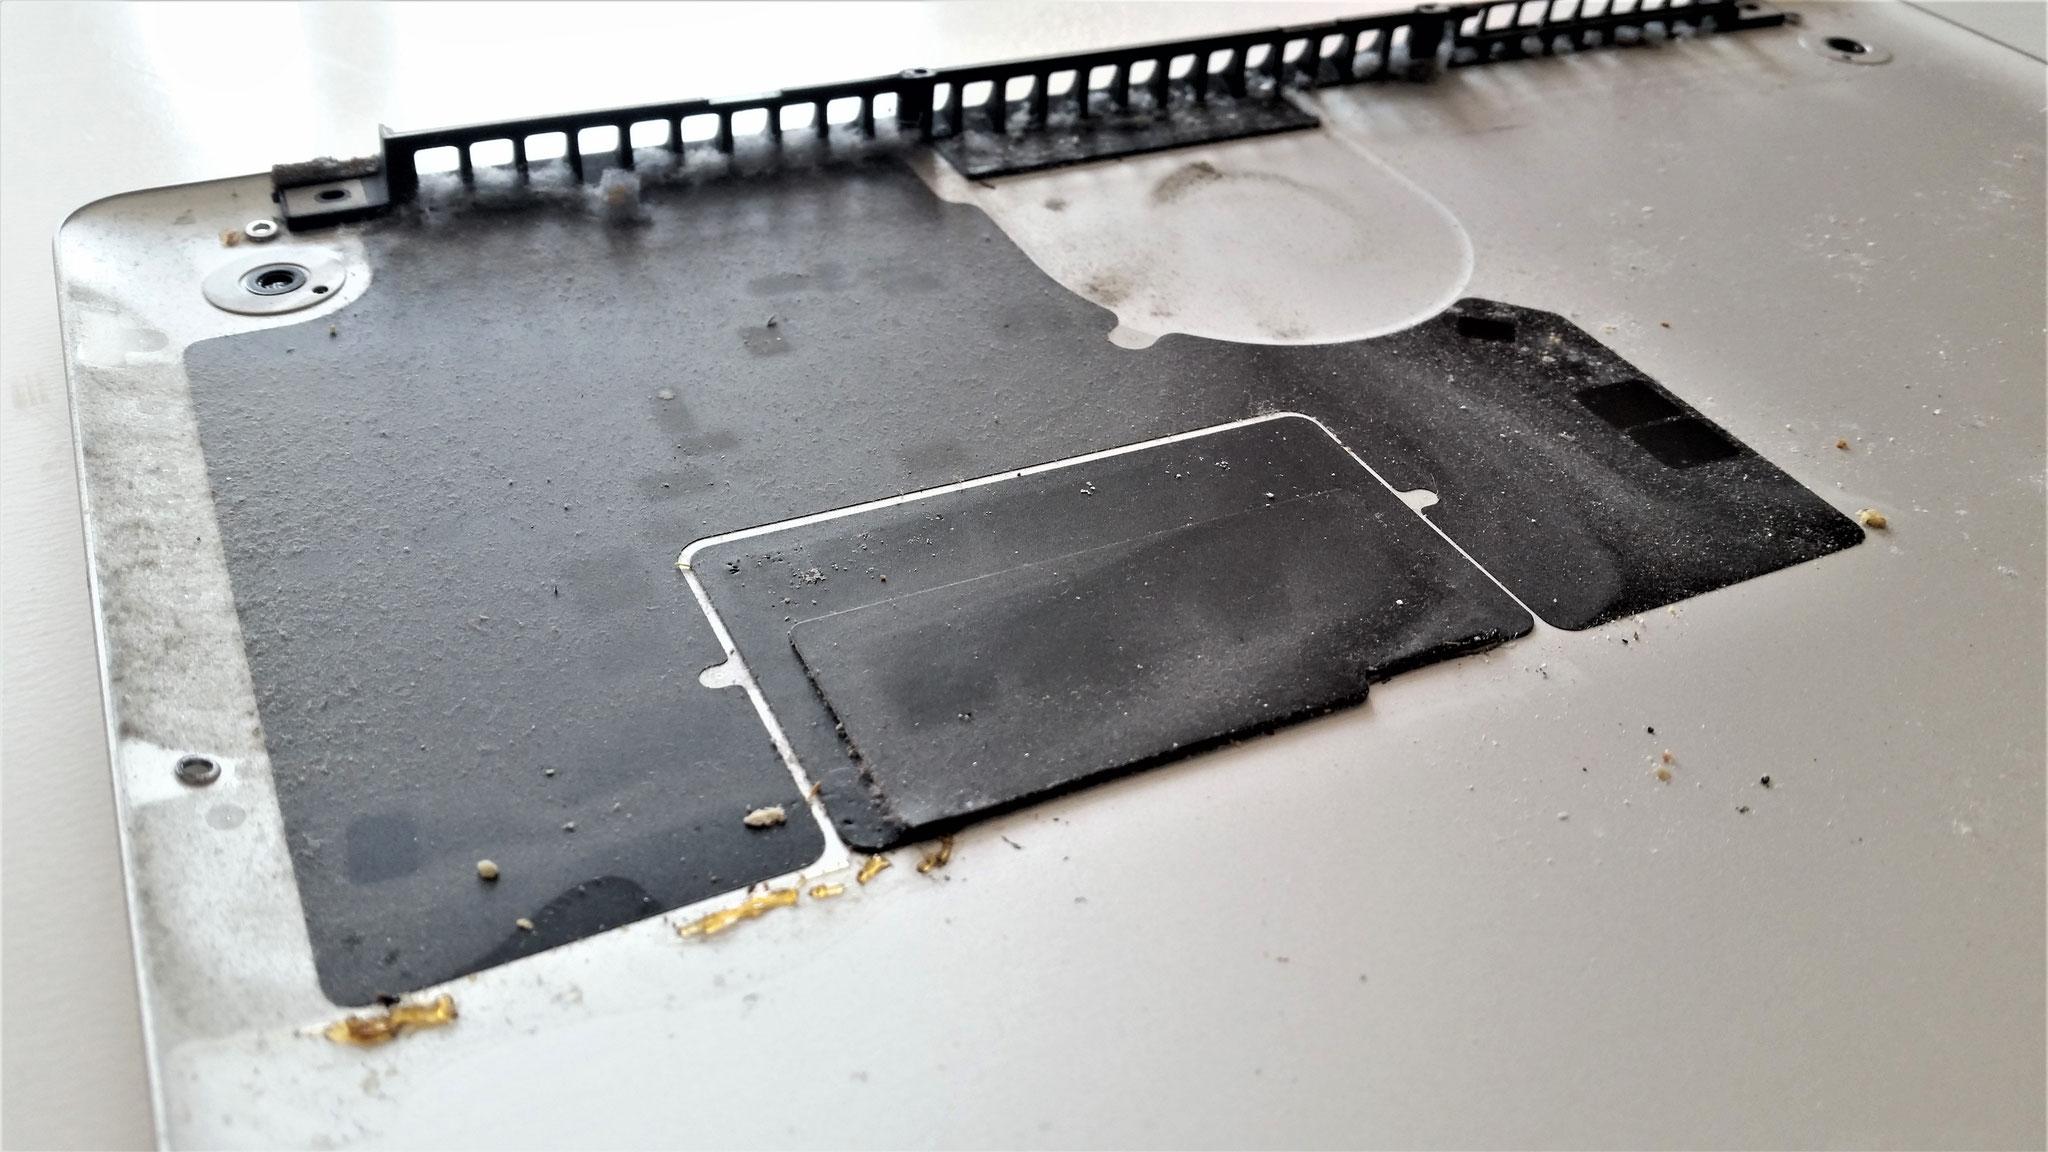 Saft oder Kaffee verkippt? Eine professionelle Außen- Innenreinigung für das MacBook Pro und alles läuft wieder.